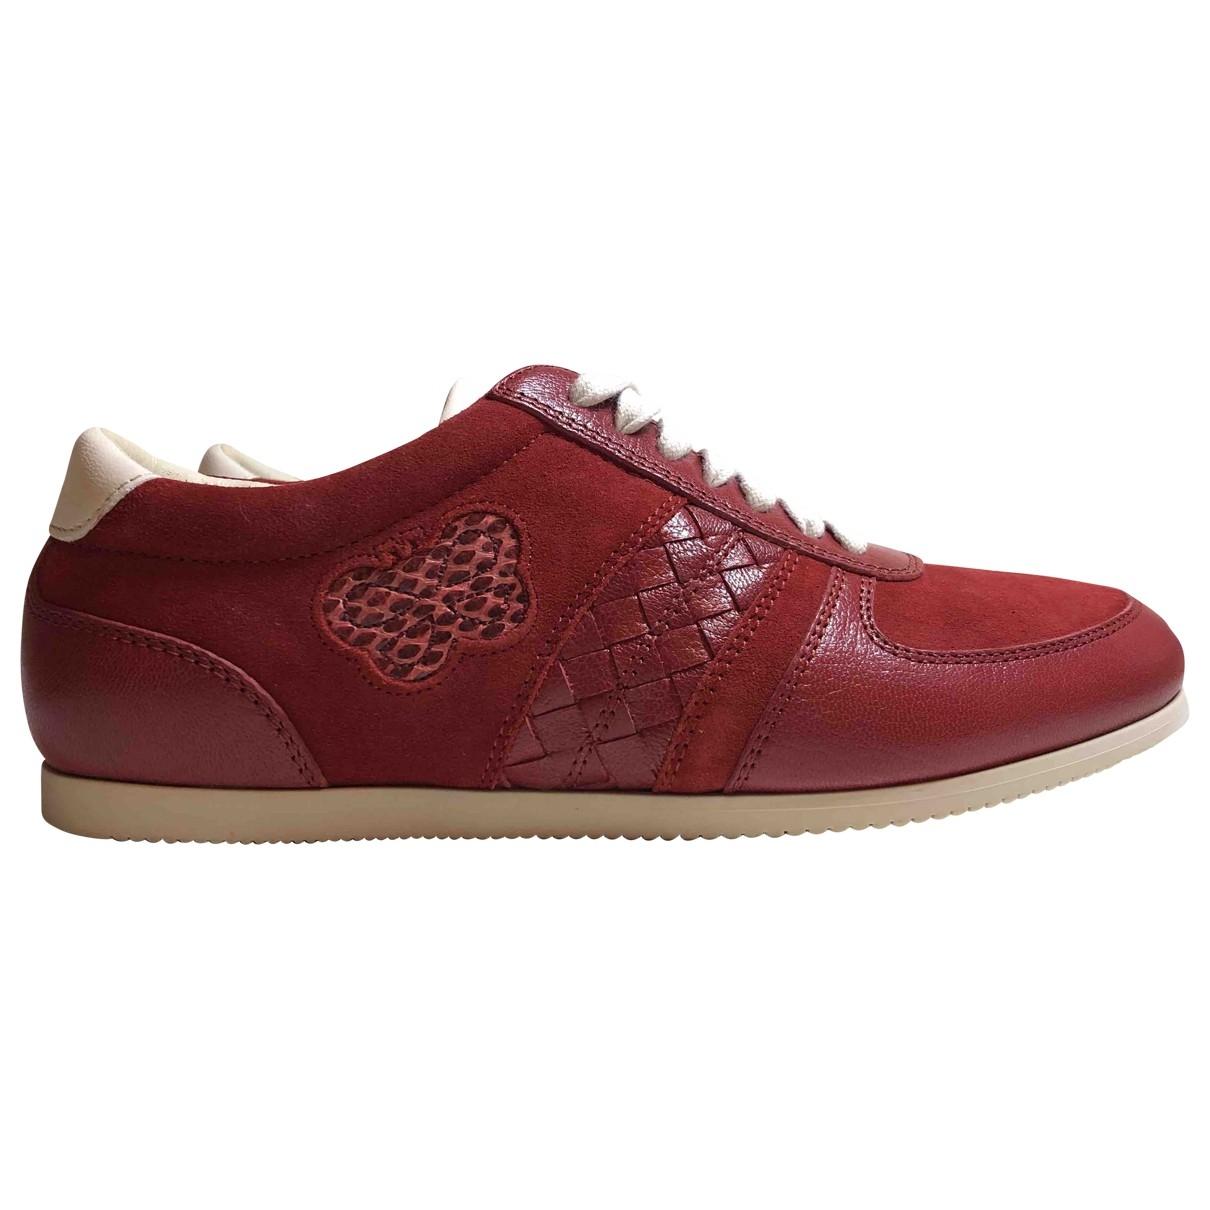 Bottega Veneta - Baskets   pour femme en cuir - rouge